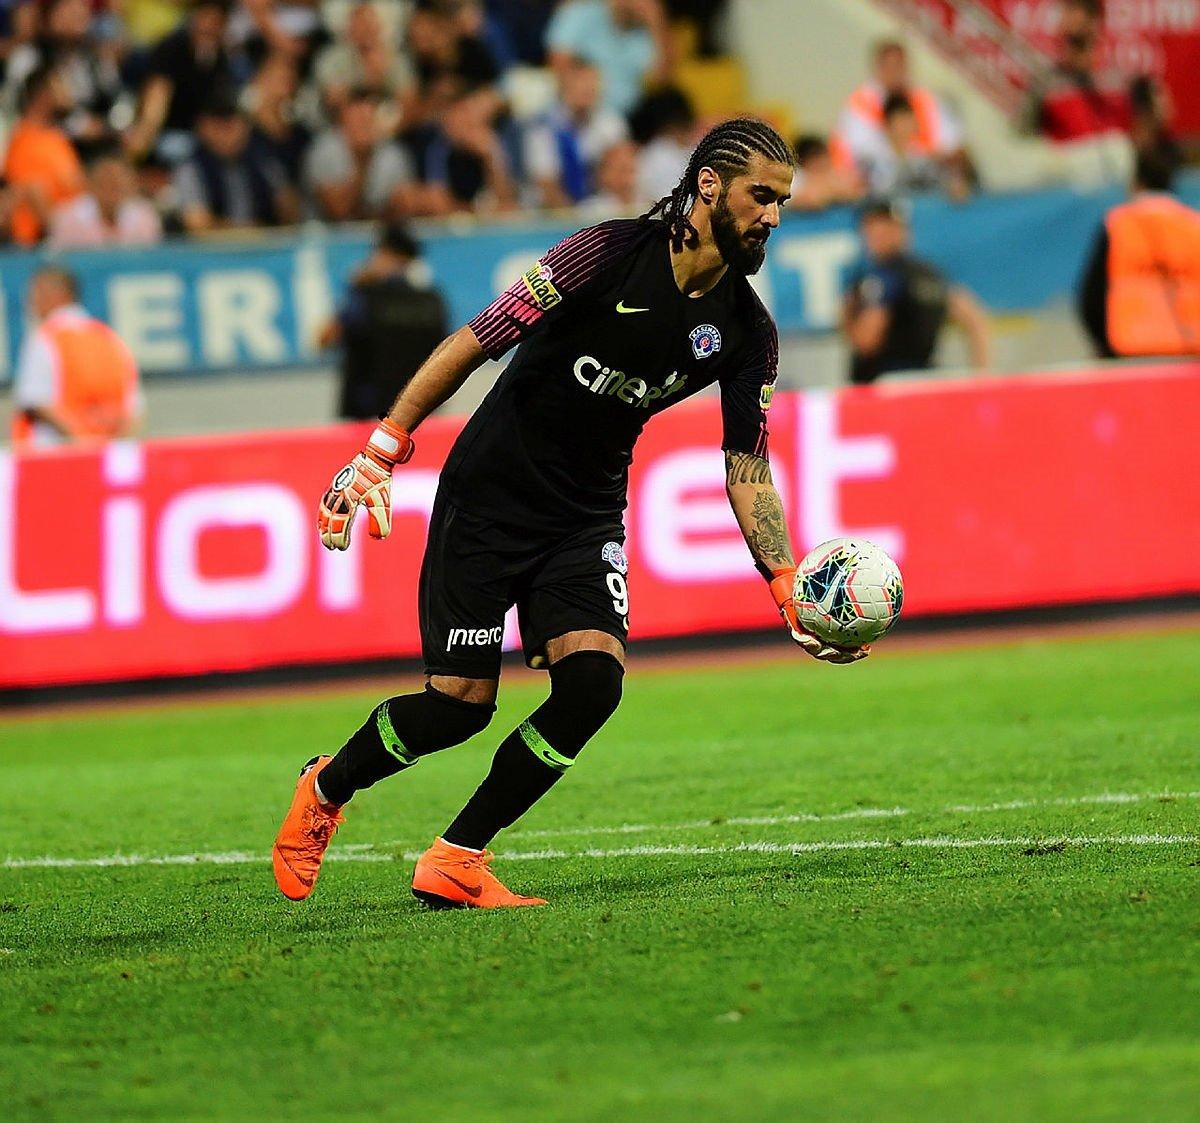 Teklife 'Evet' dedi! Galatasaray 5. transferini bitirdi - Futbol -